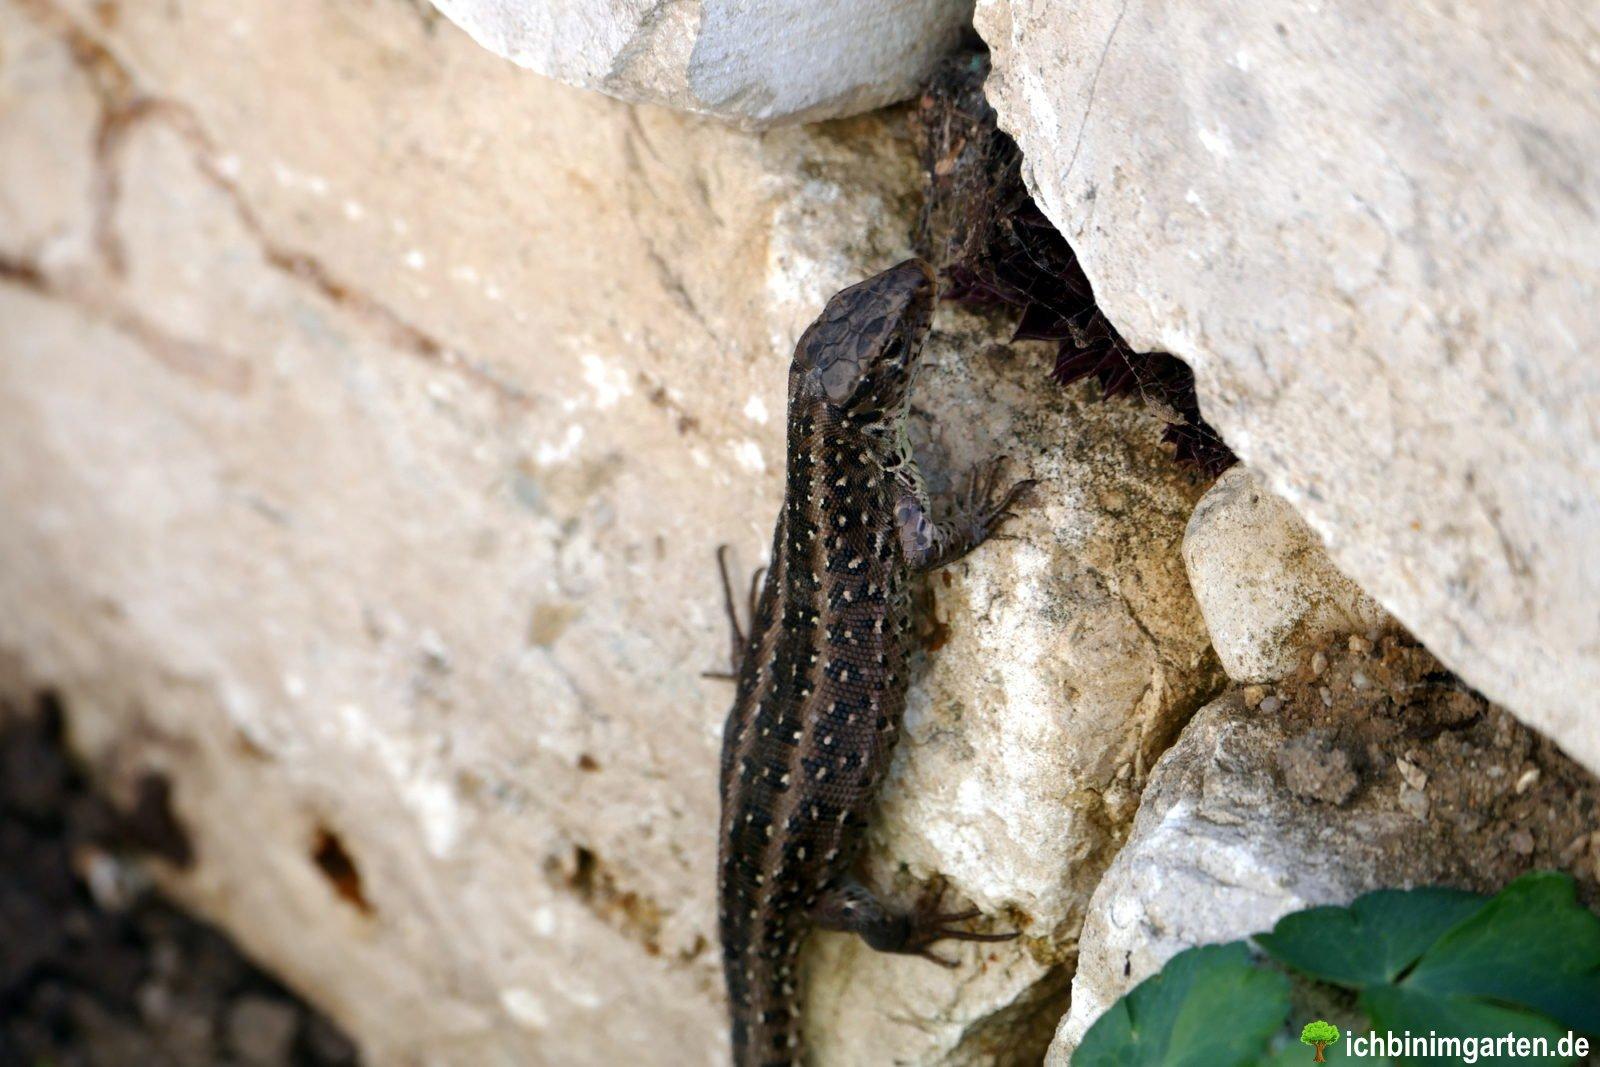 Eidechsen in der Trockensteinmauer 3